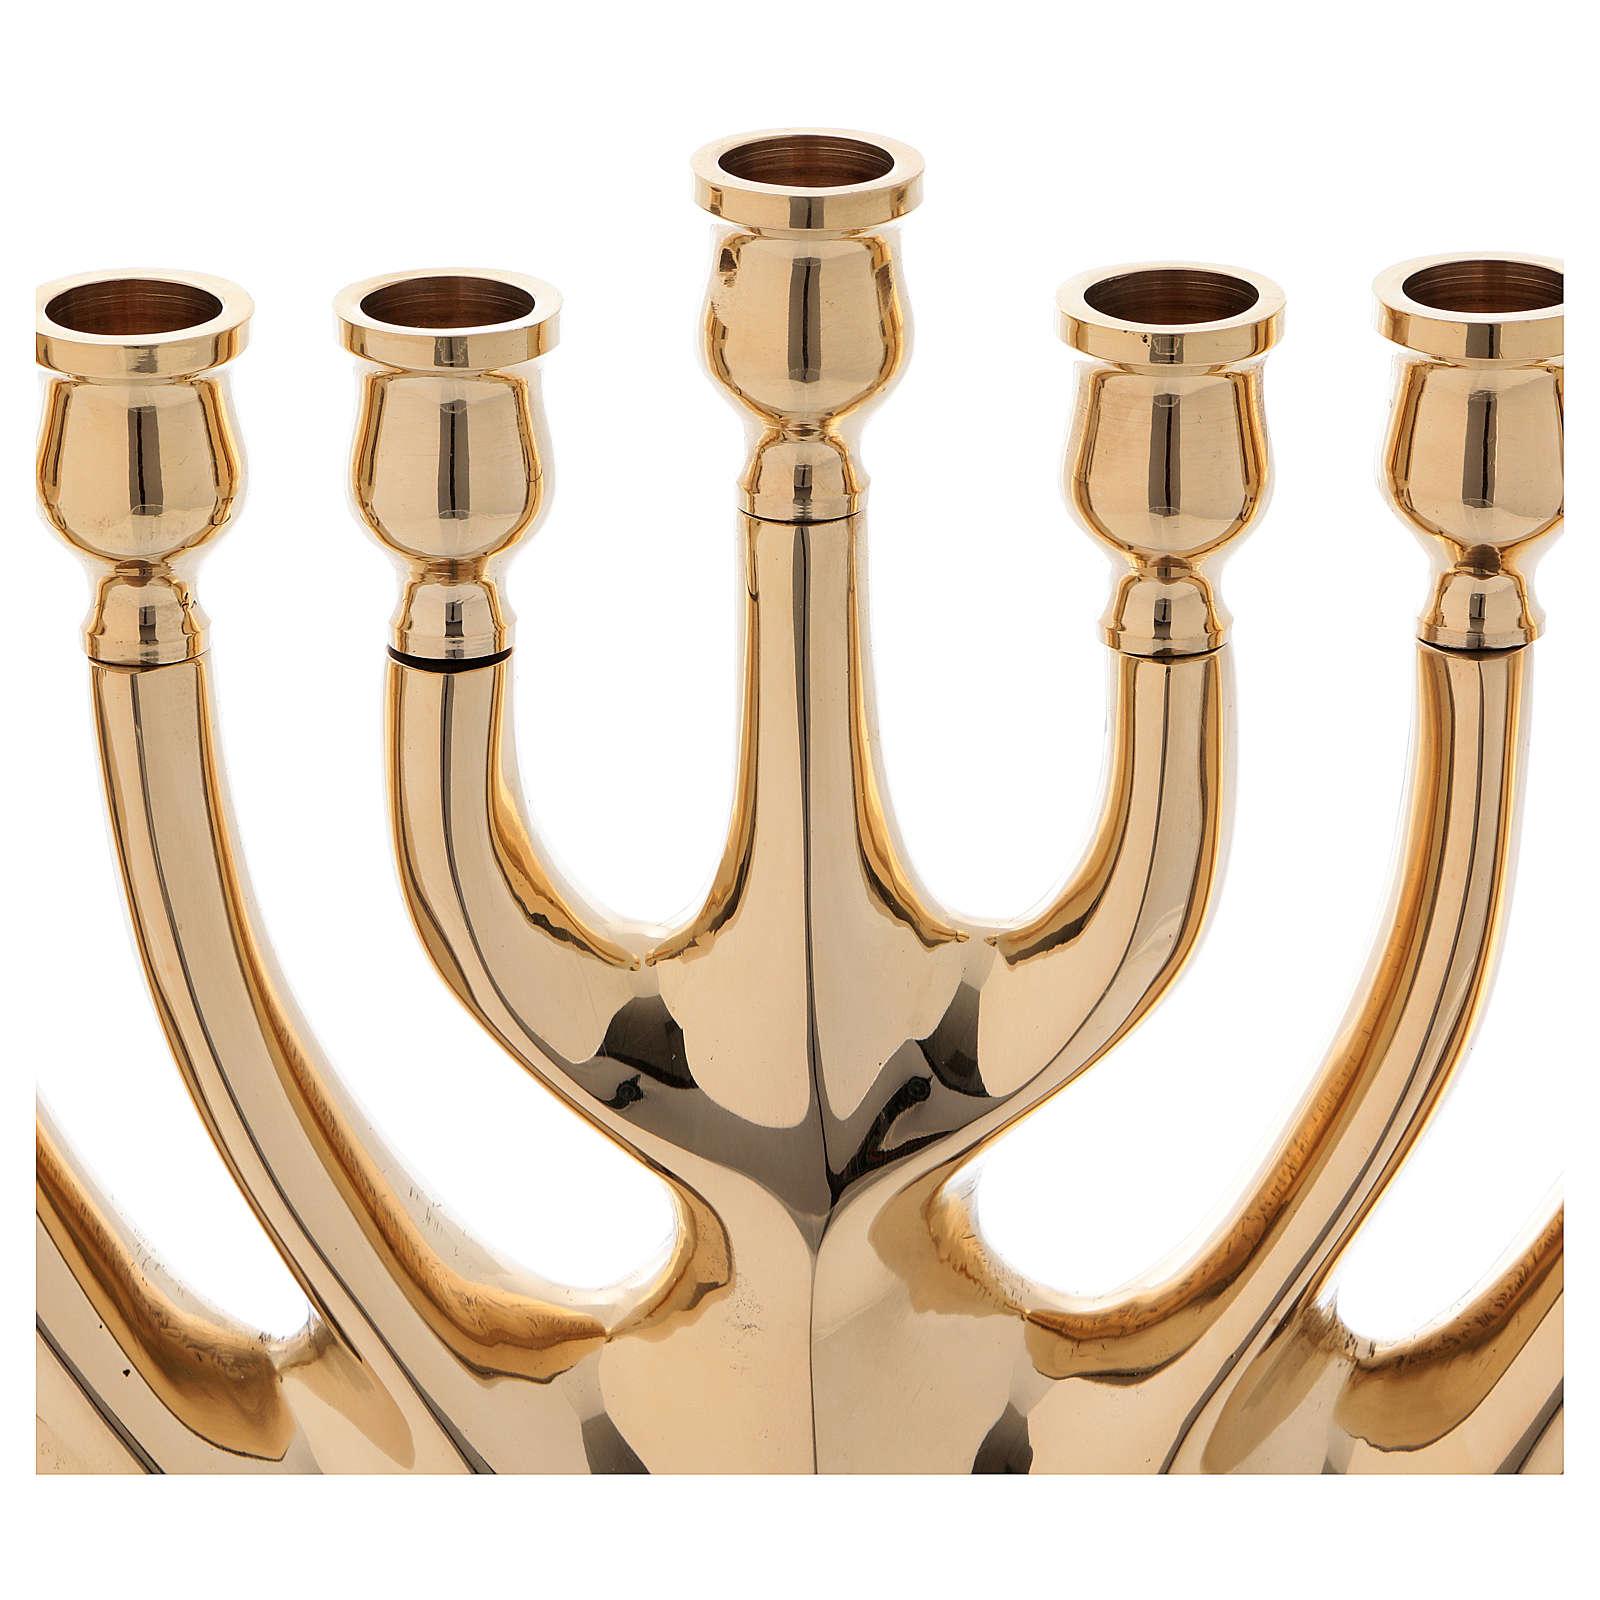 Kandelabr 9 ramion mosiądz pozłacany 4